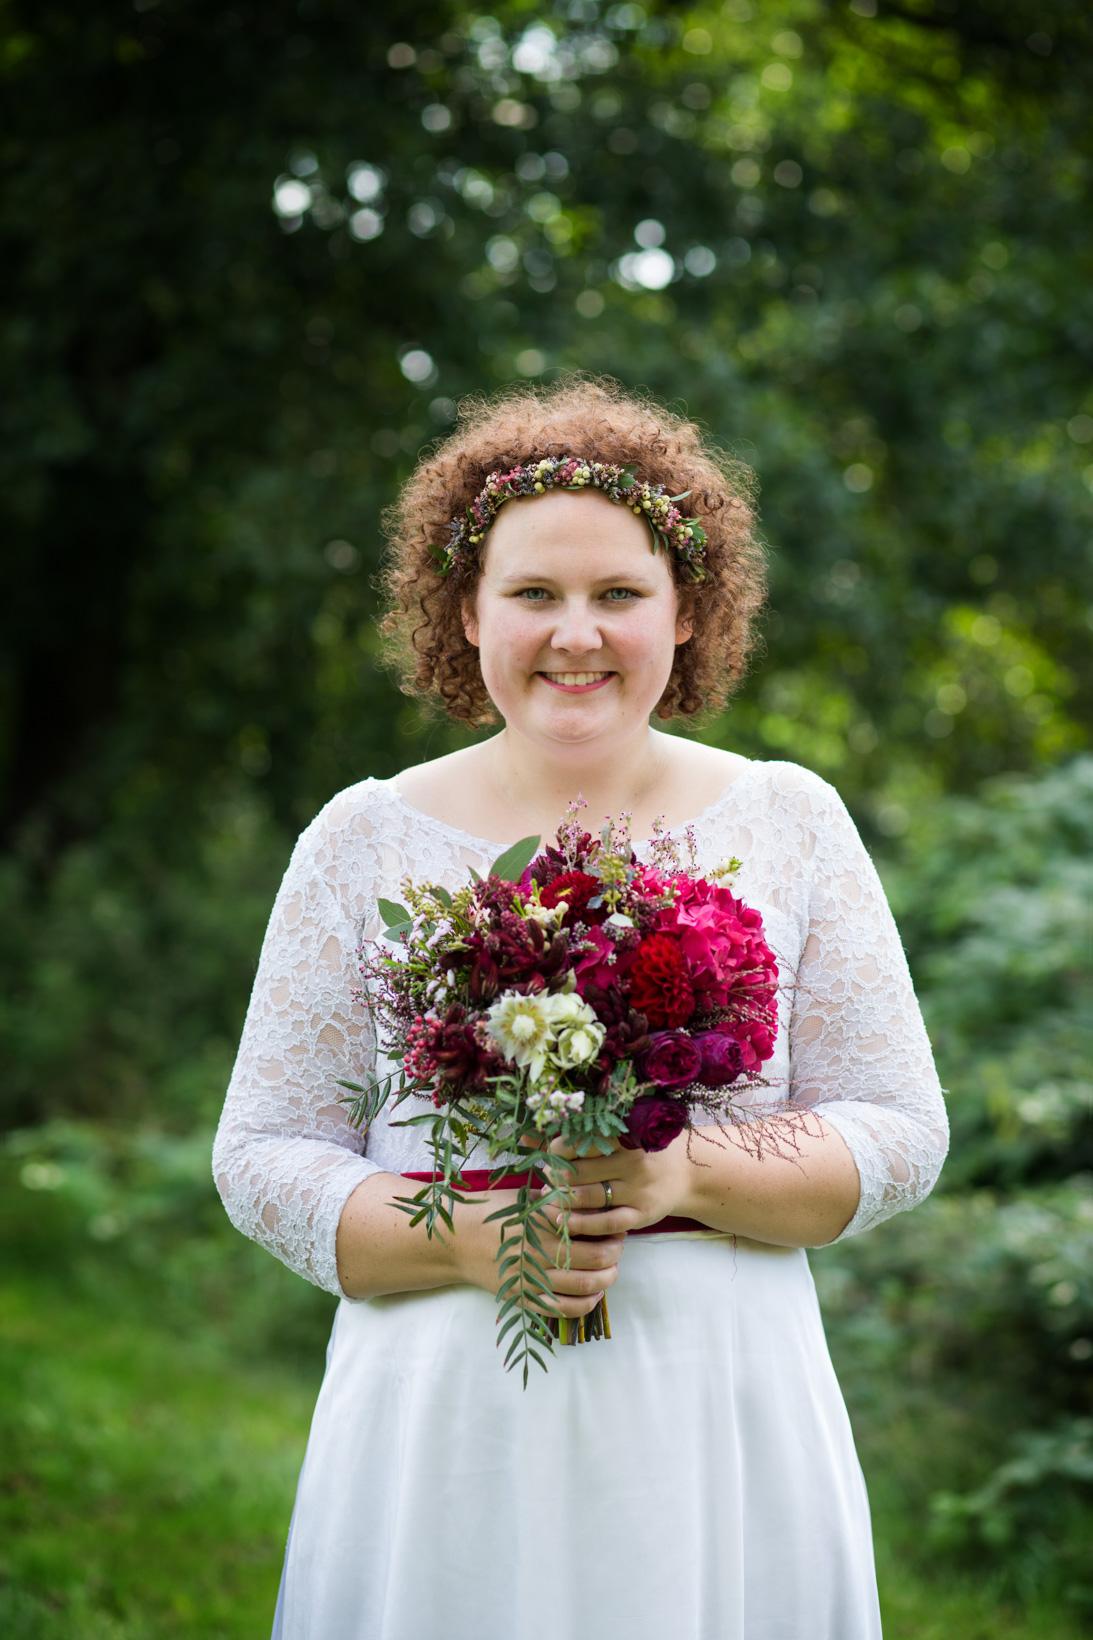 Portrét nevěsty se s vínovou svatební kyticí